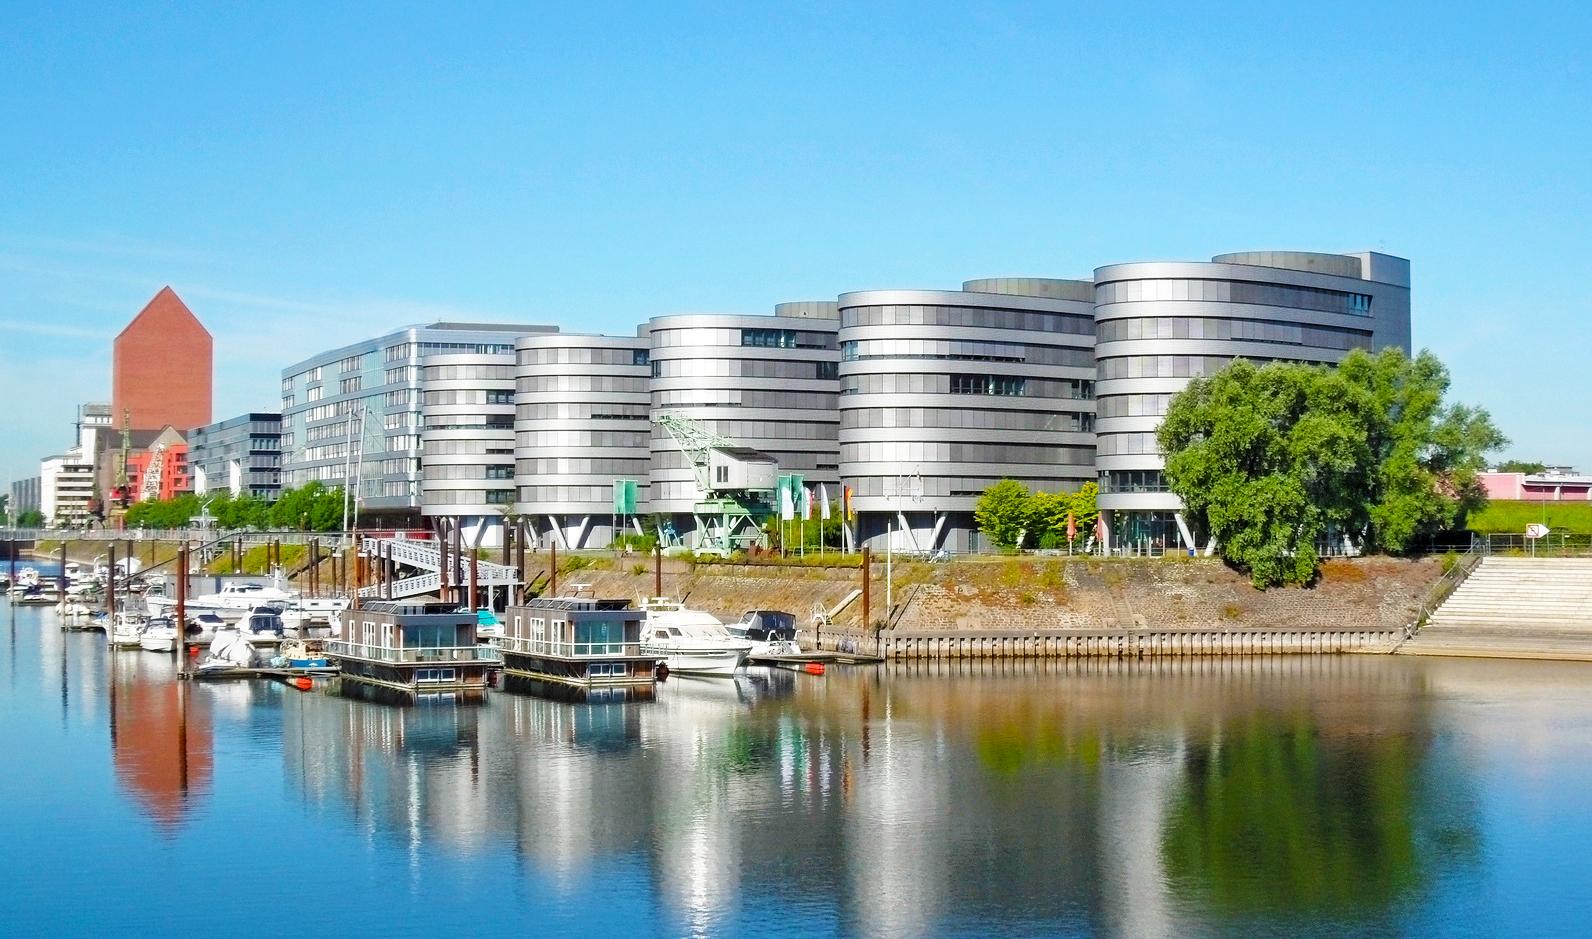 Partnersuche in Duisburg